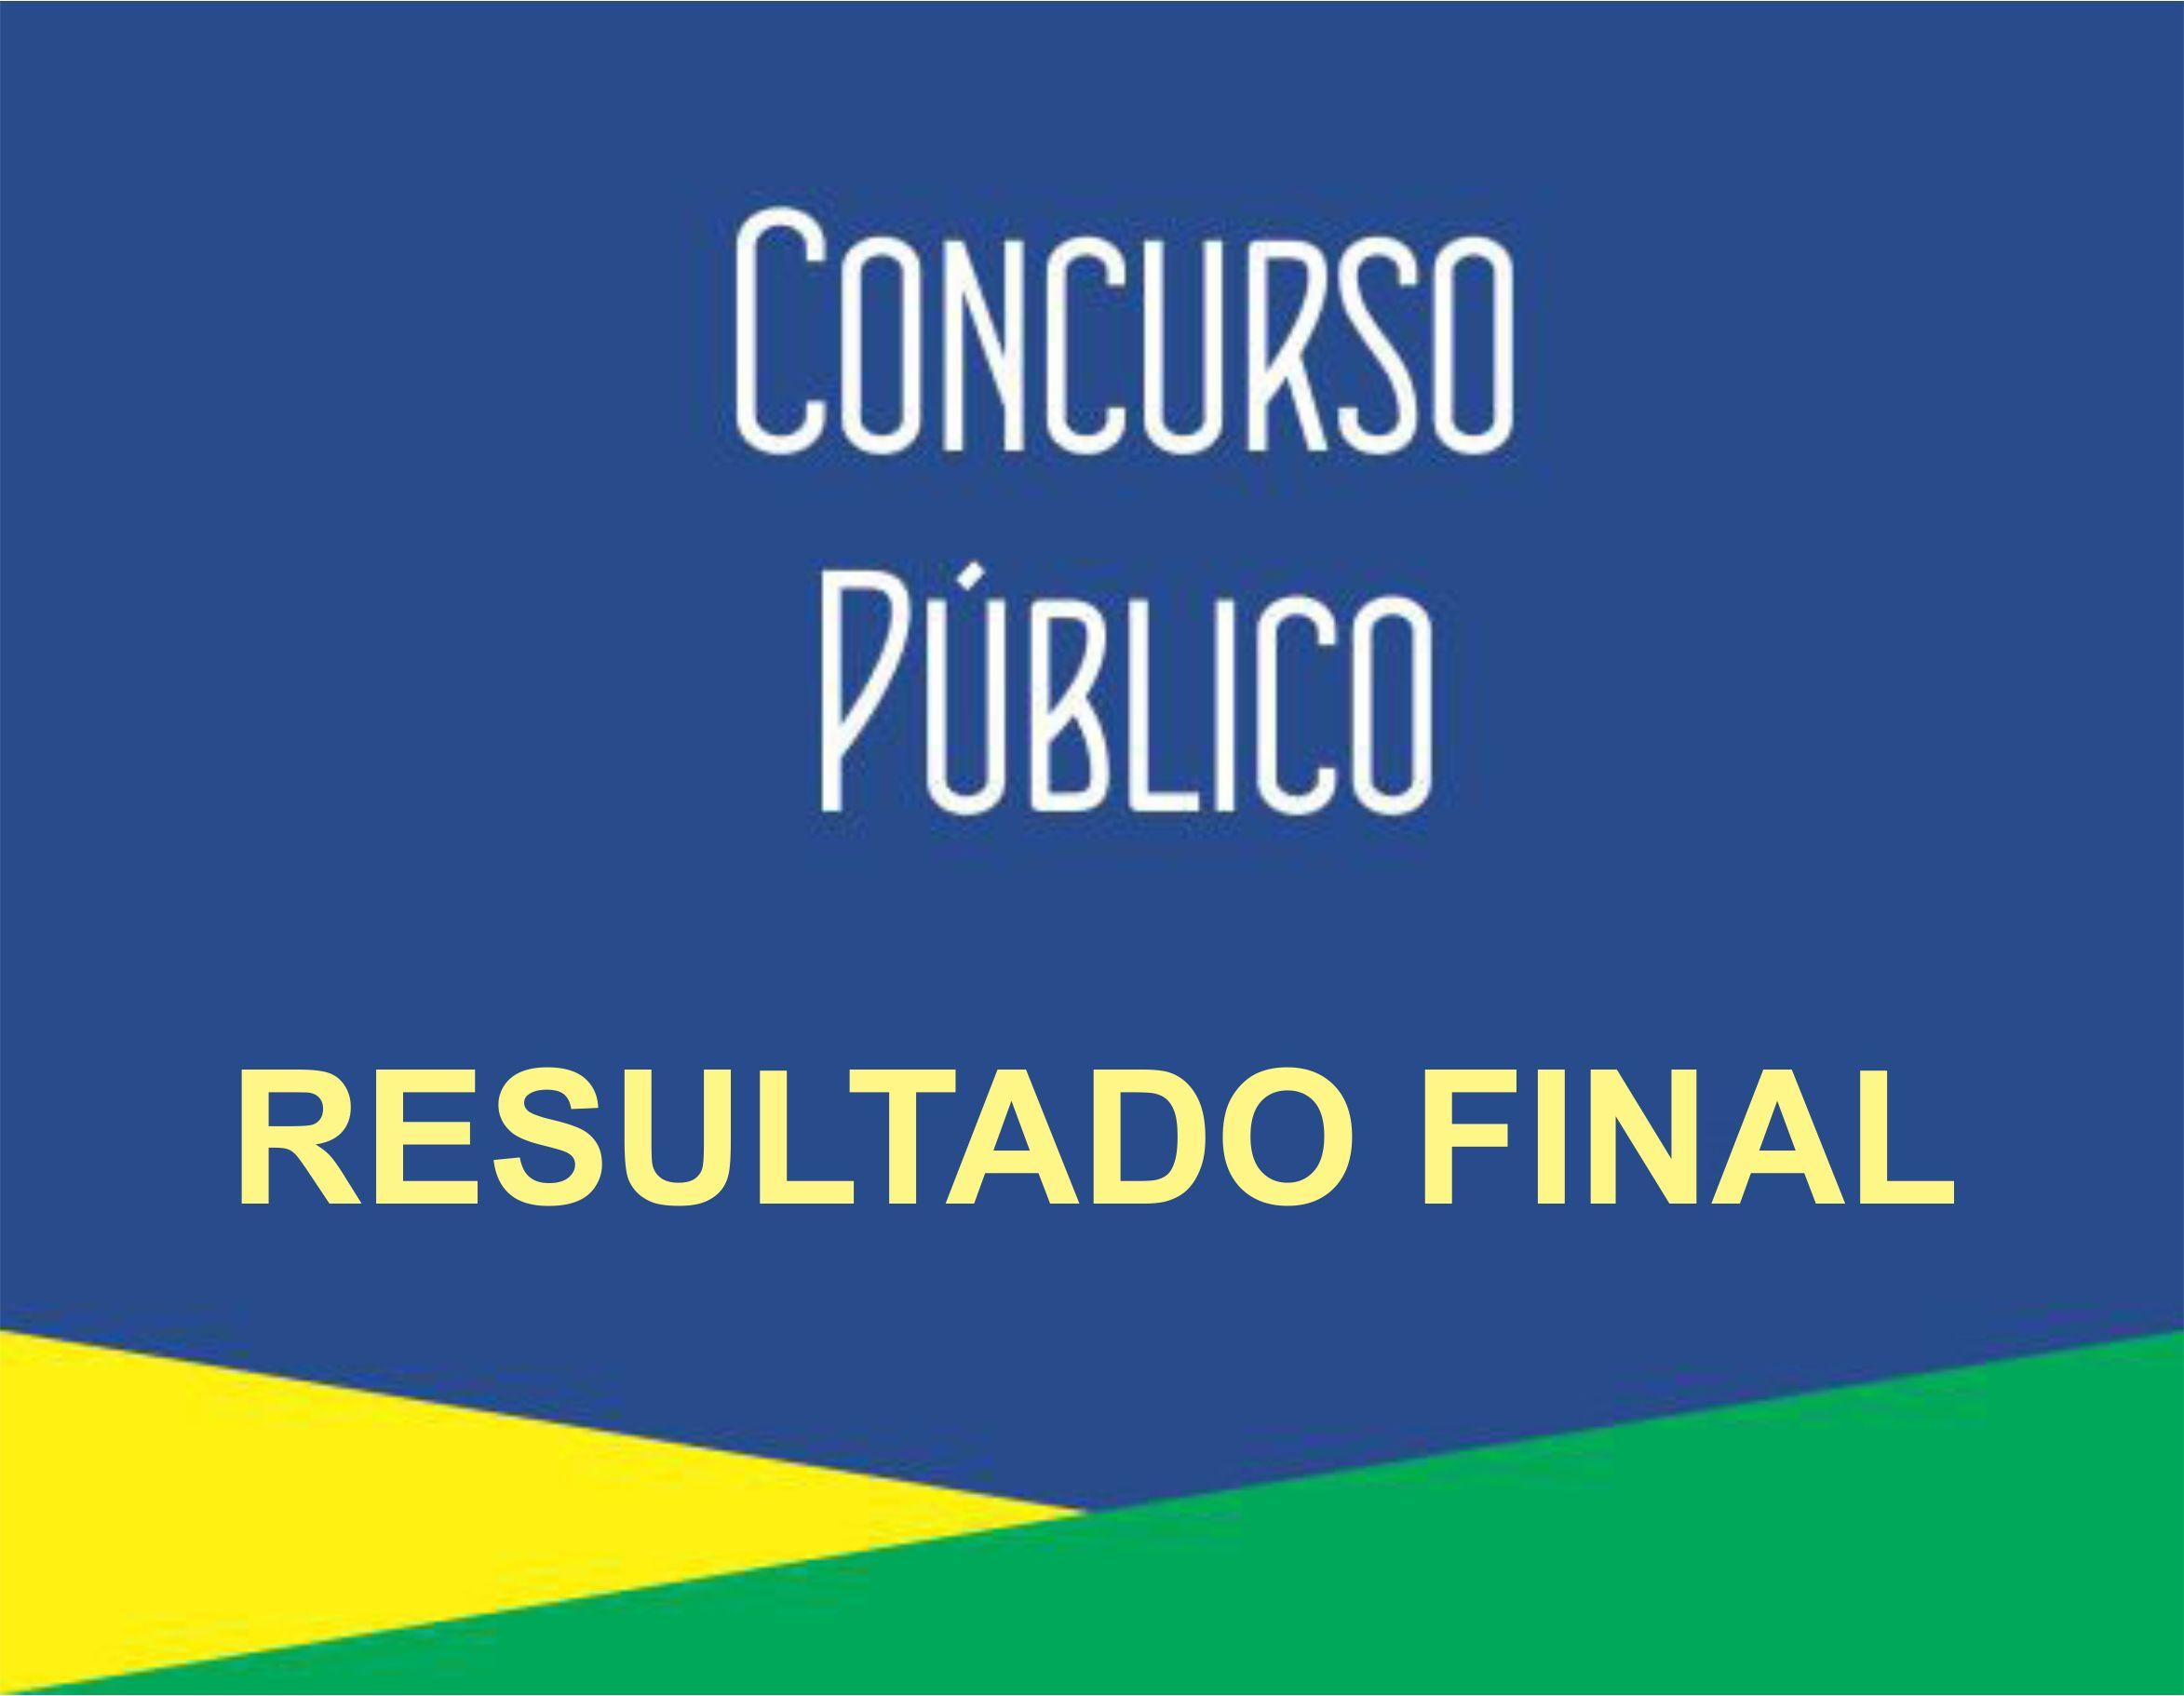 Concurso Público n° 04/2016 (Hidrologia) – Resultado Final